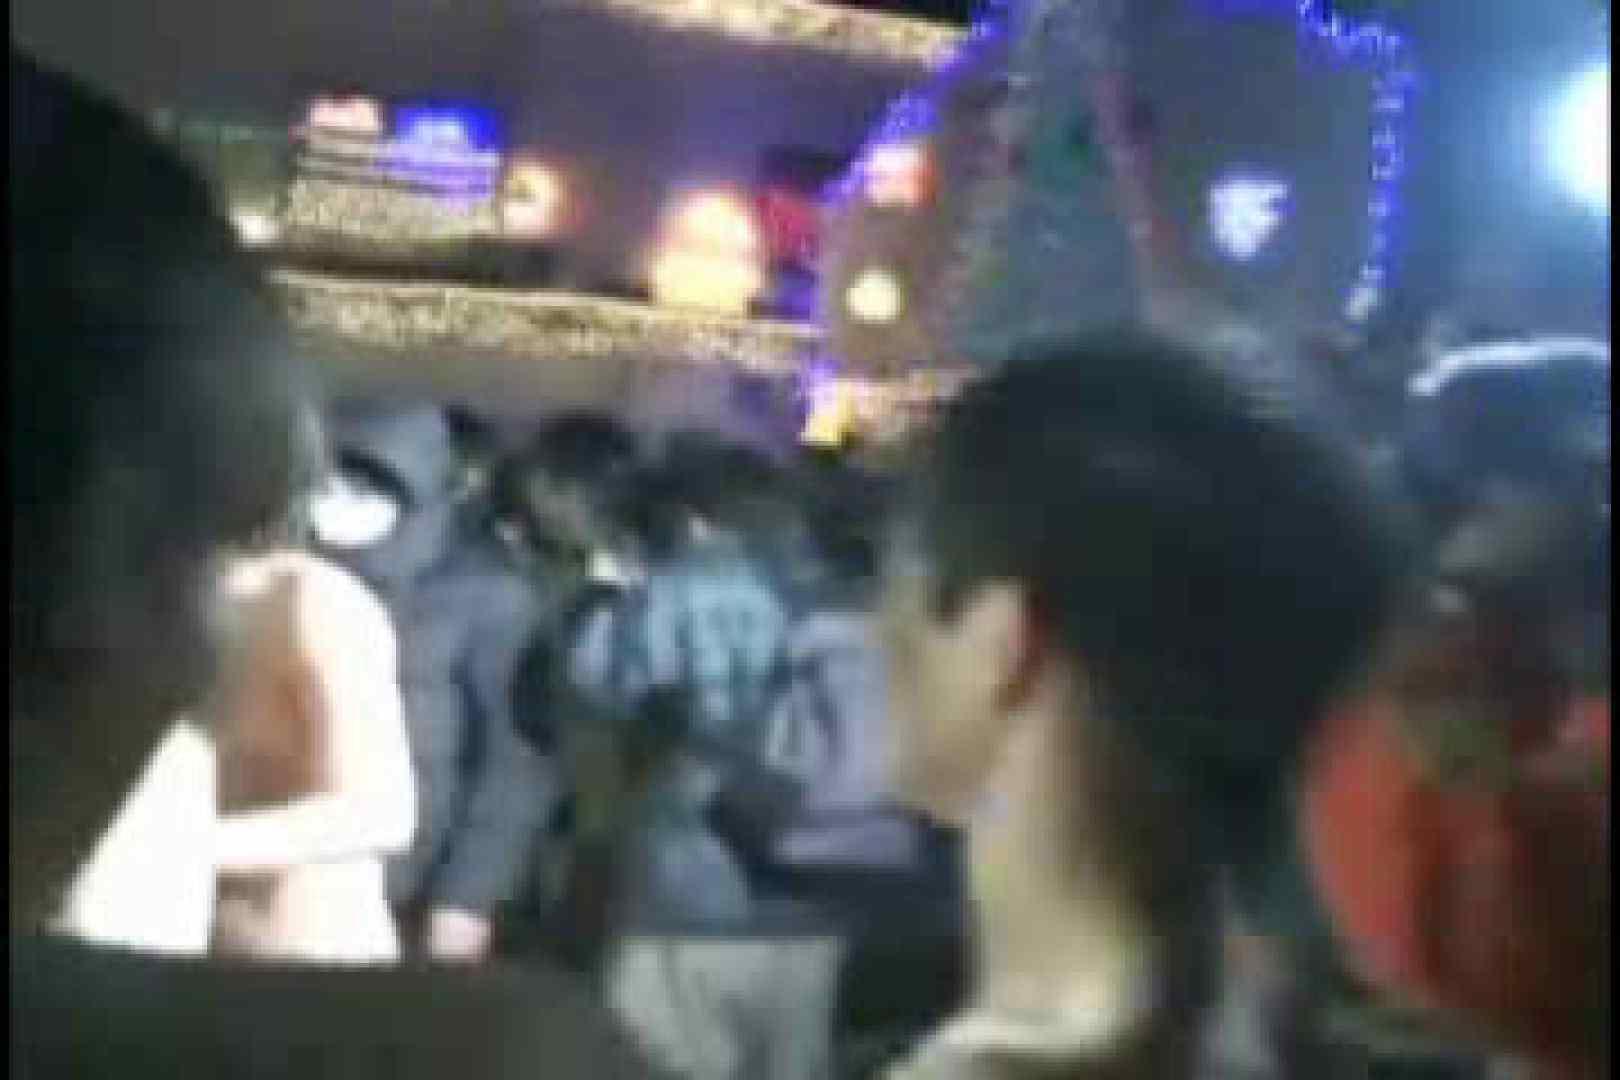 陰間茶屋 男児祭り VOL.3 裸  104pic 16